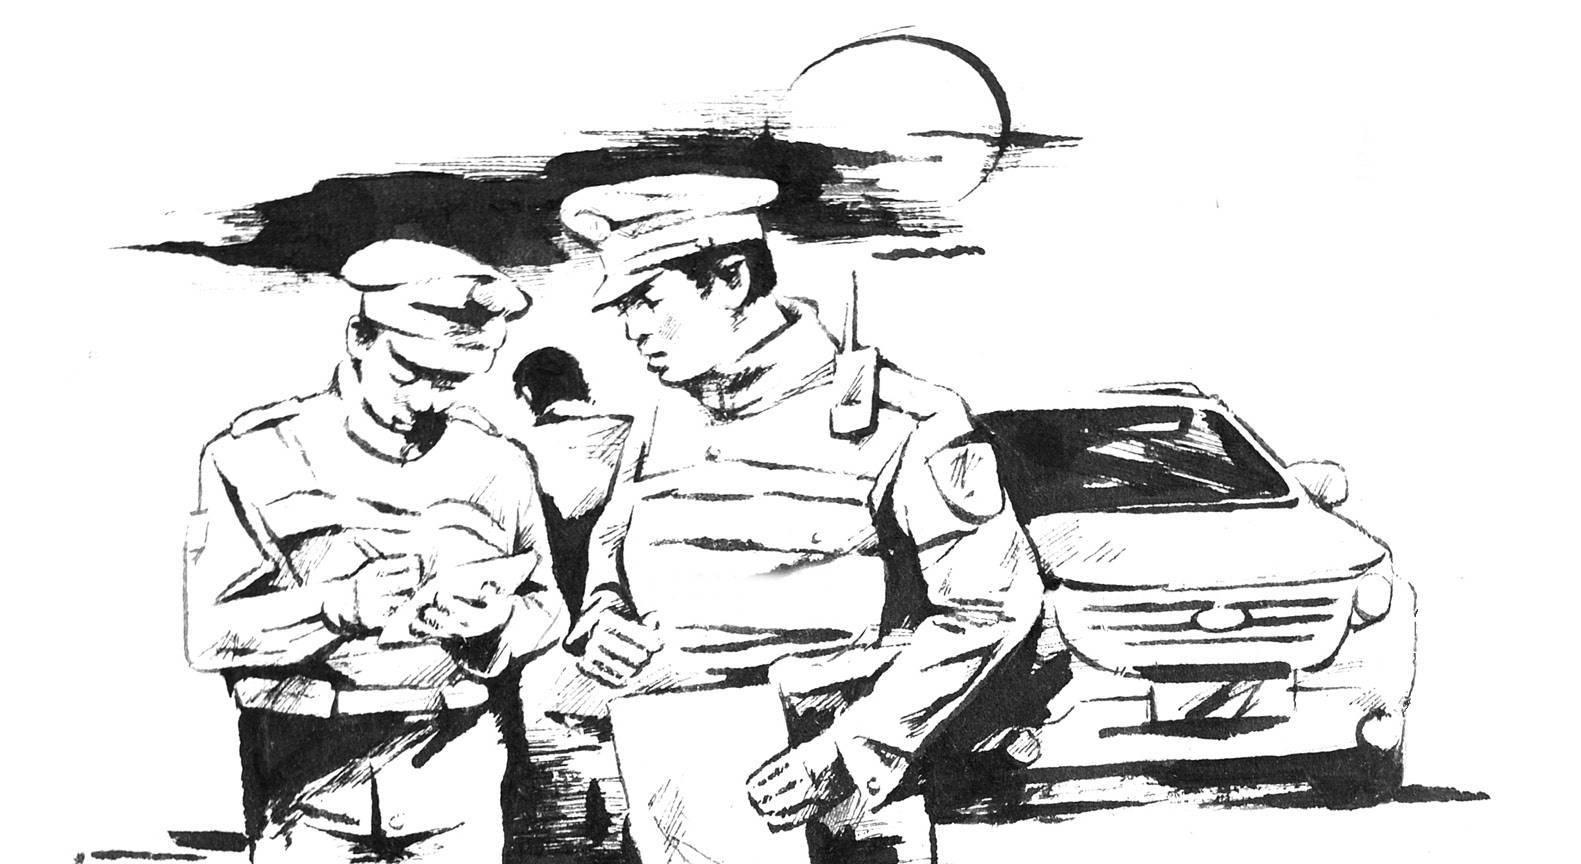 动漫 简笔画 卡通 漫画 手绘 头像 线稿 1581_864